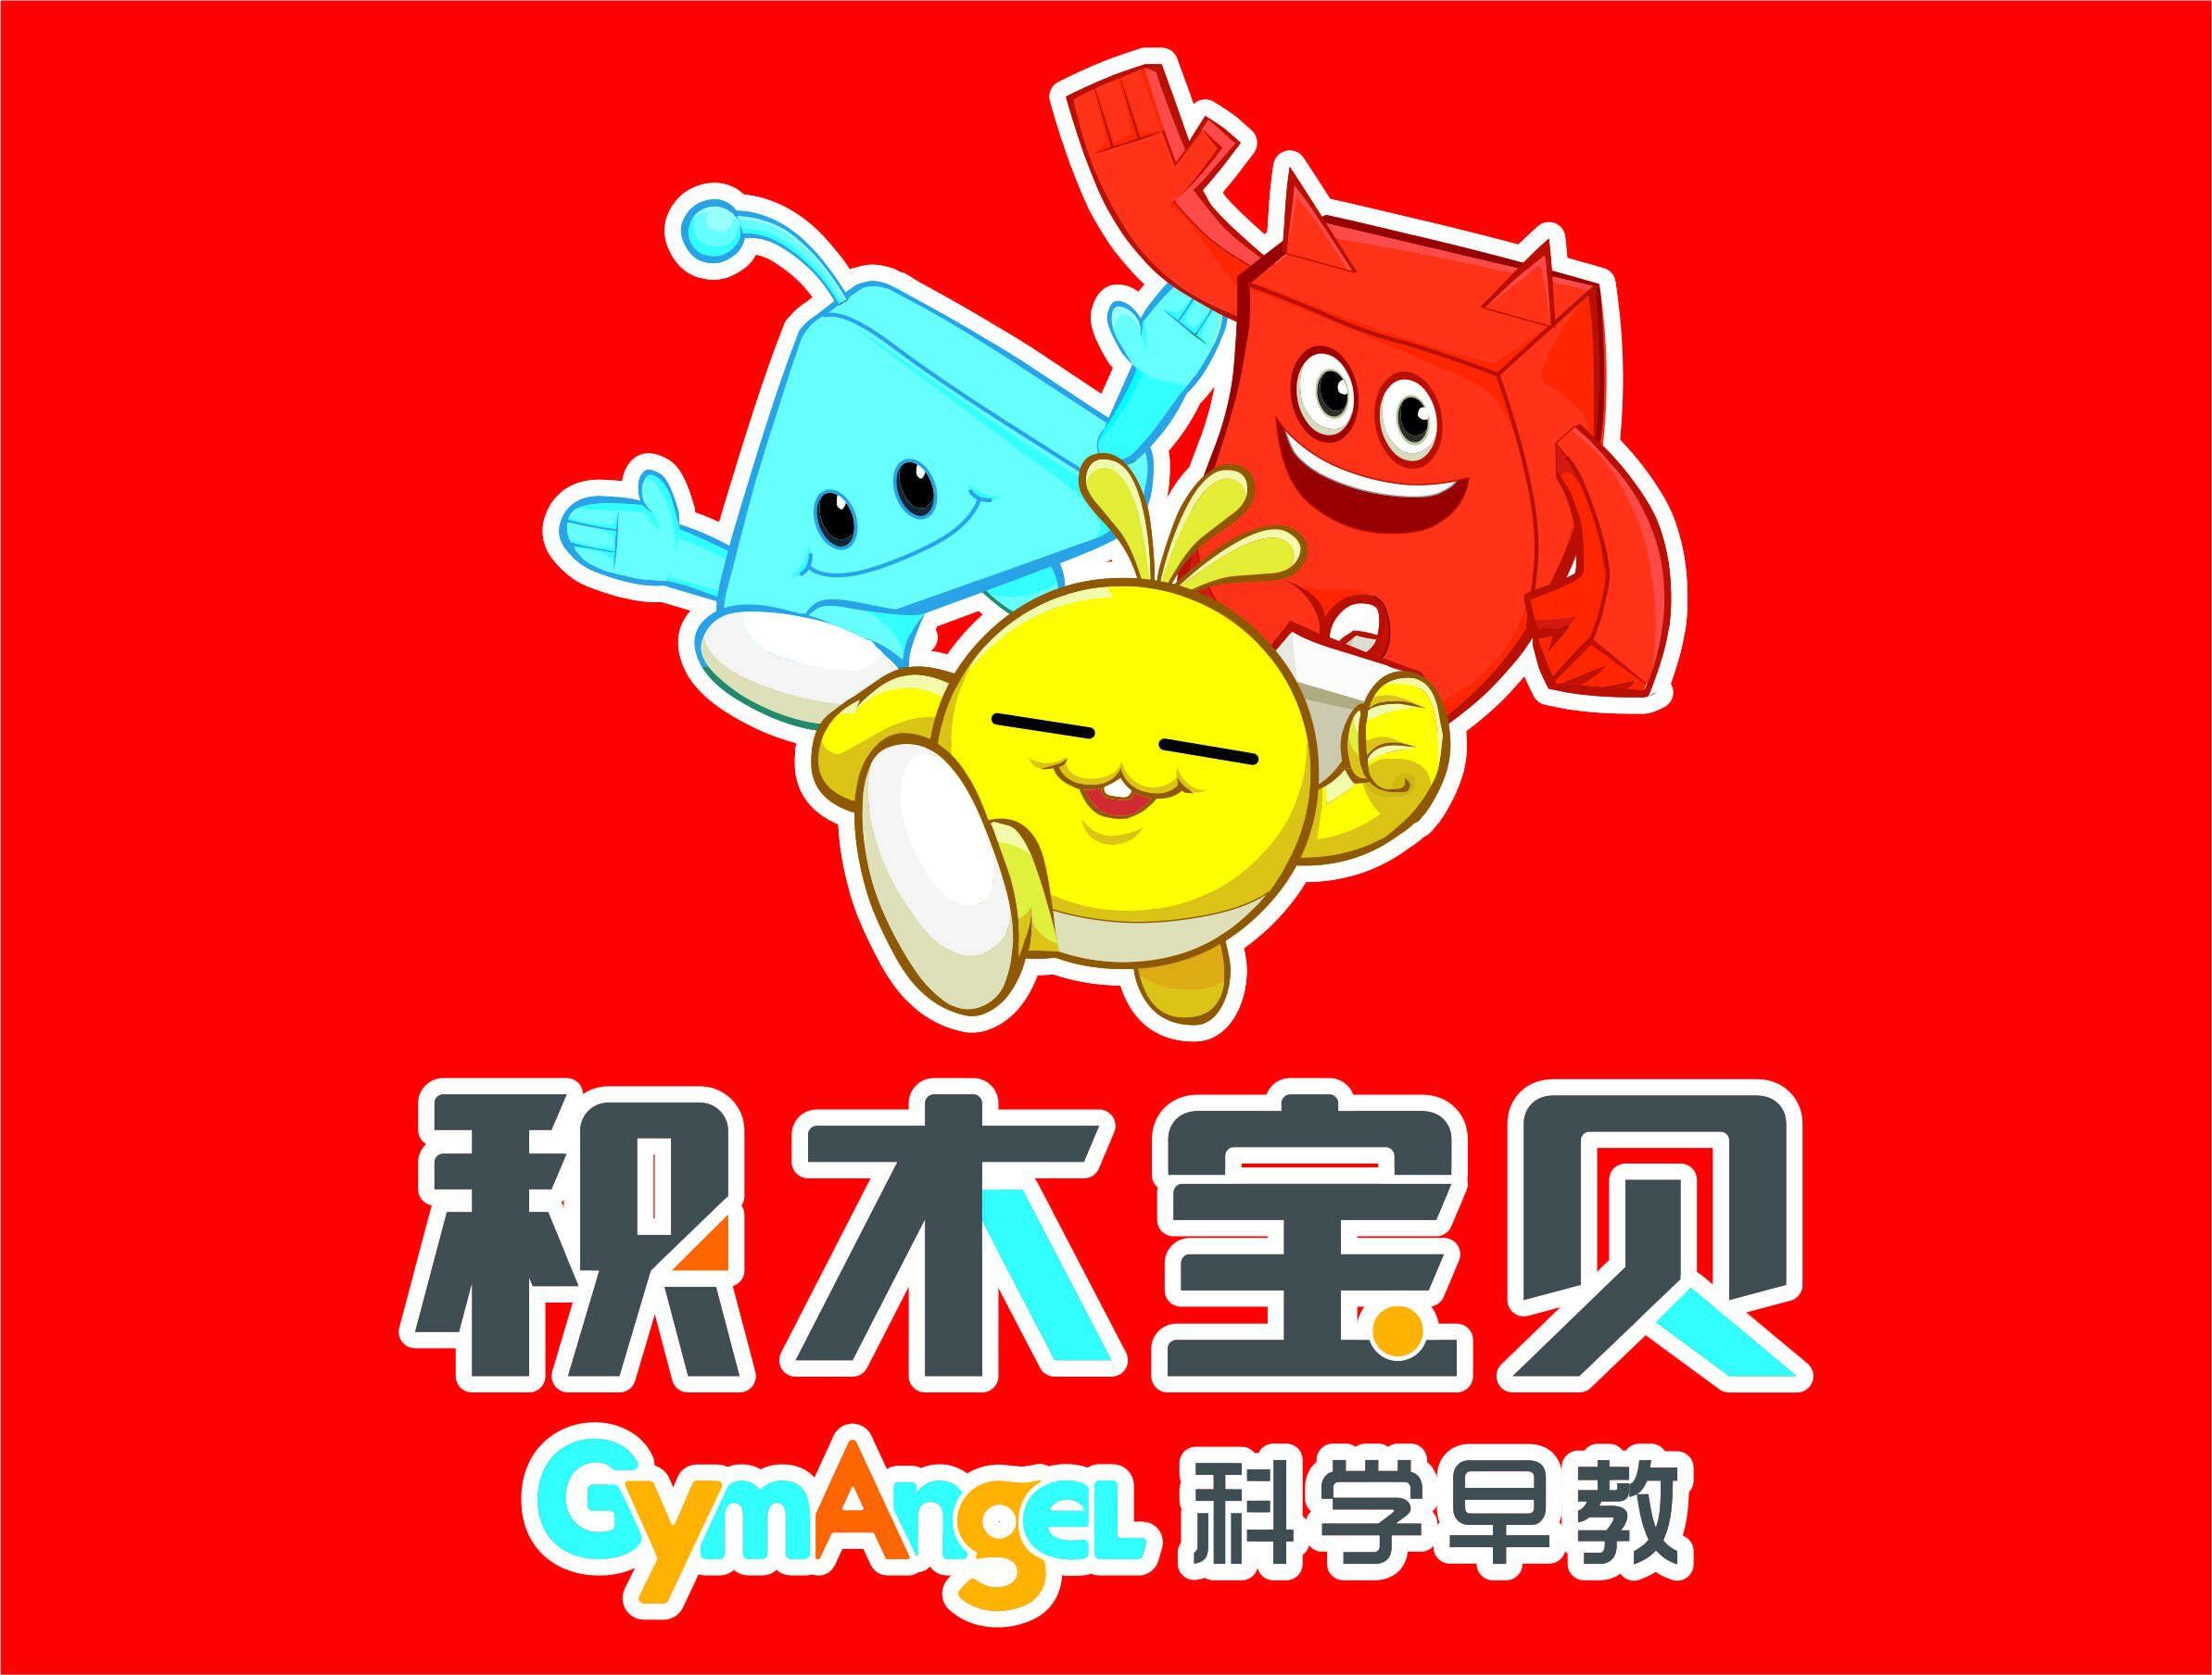 积木宝贝-公司主页-荣昌人才网